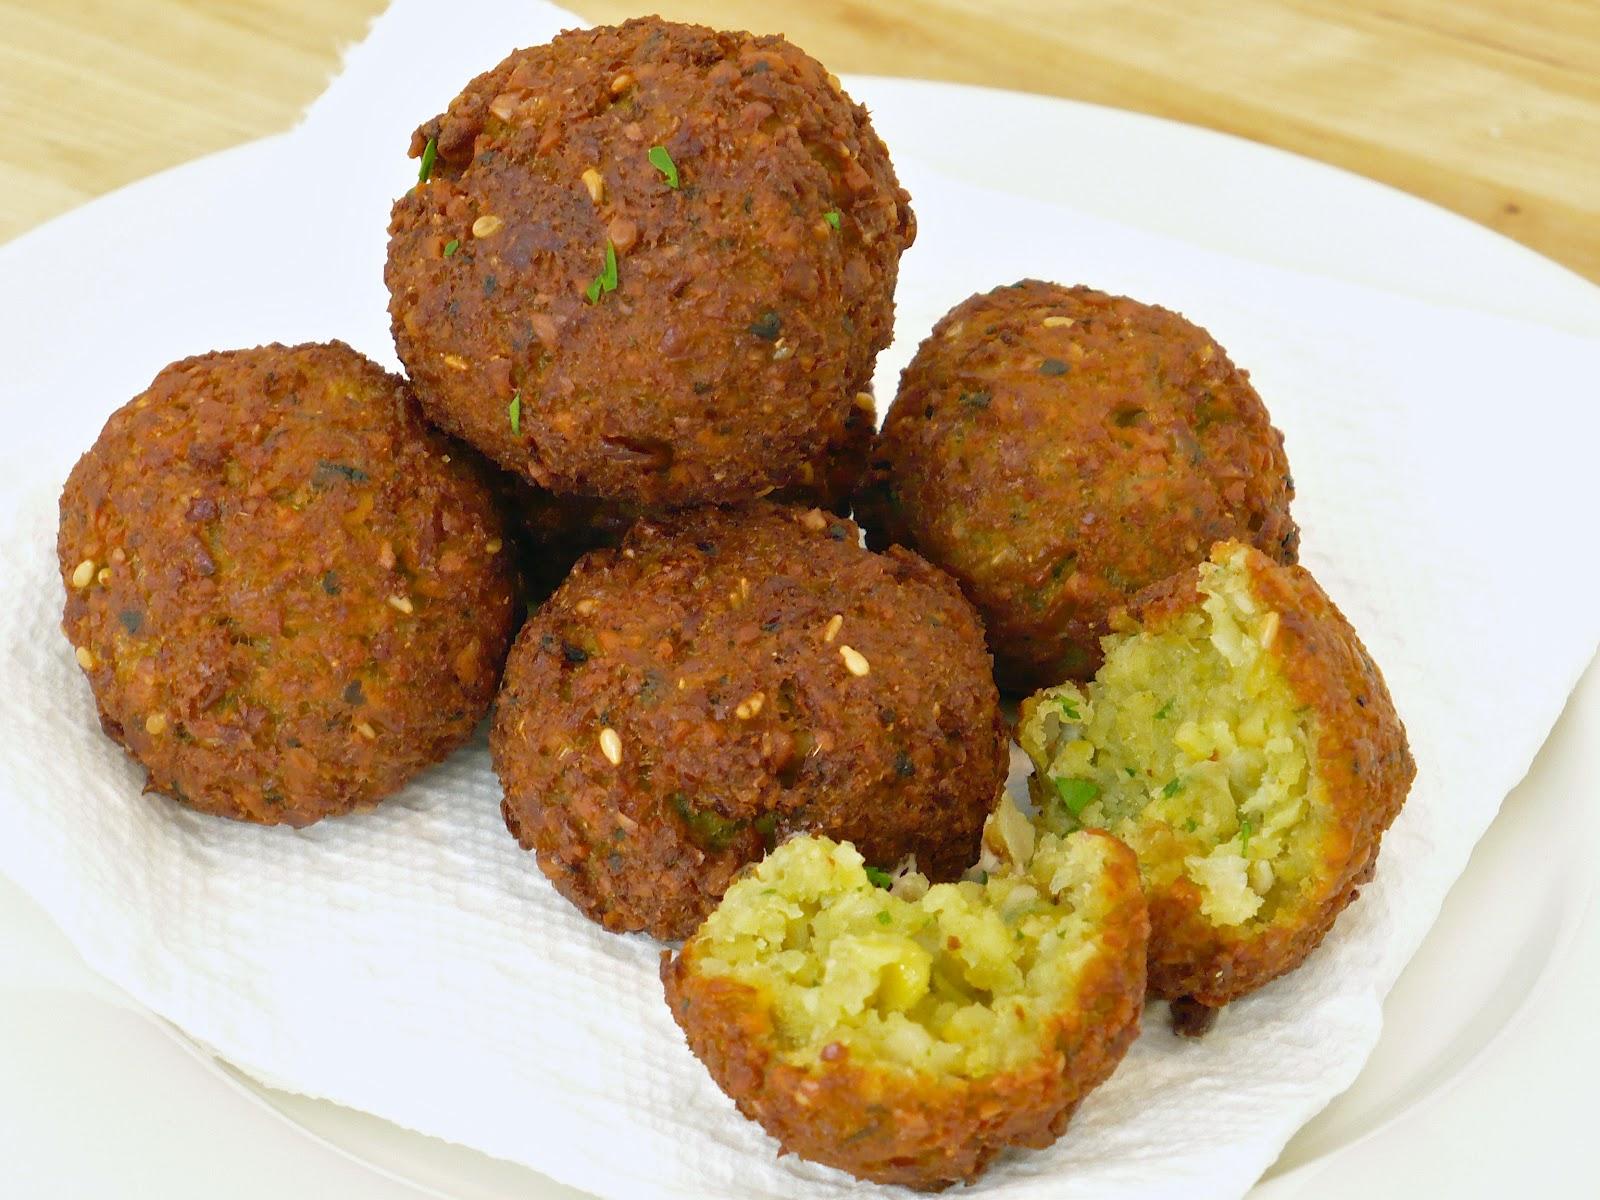 Falafel Food Processor